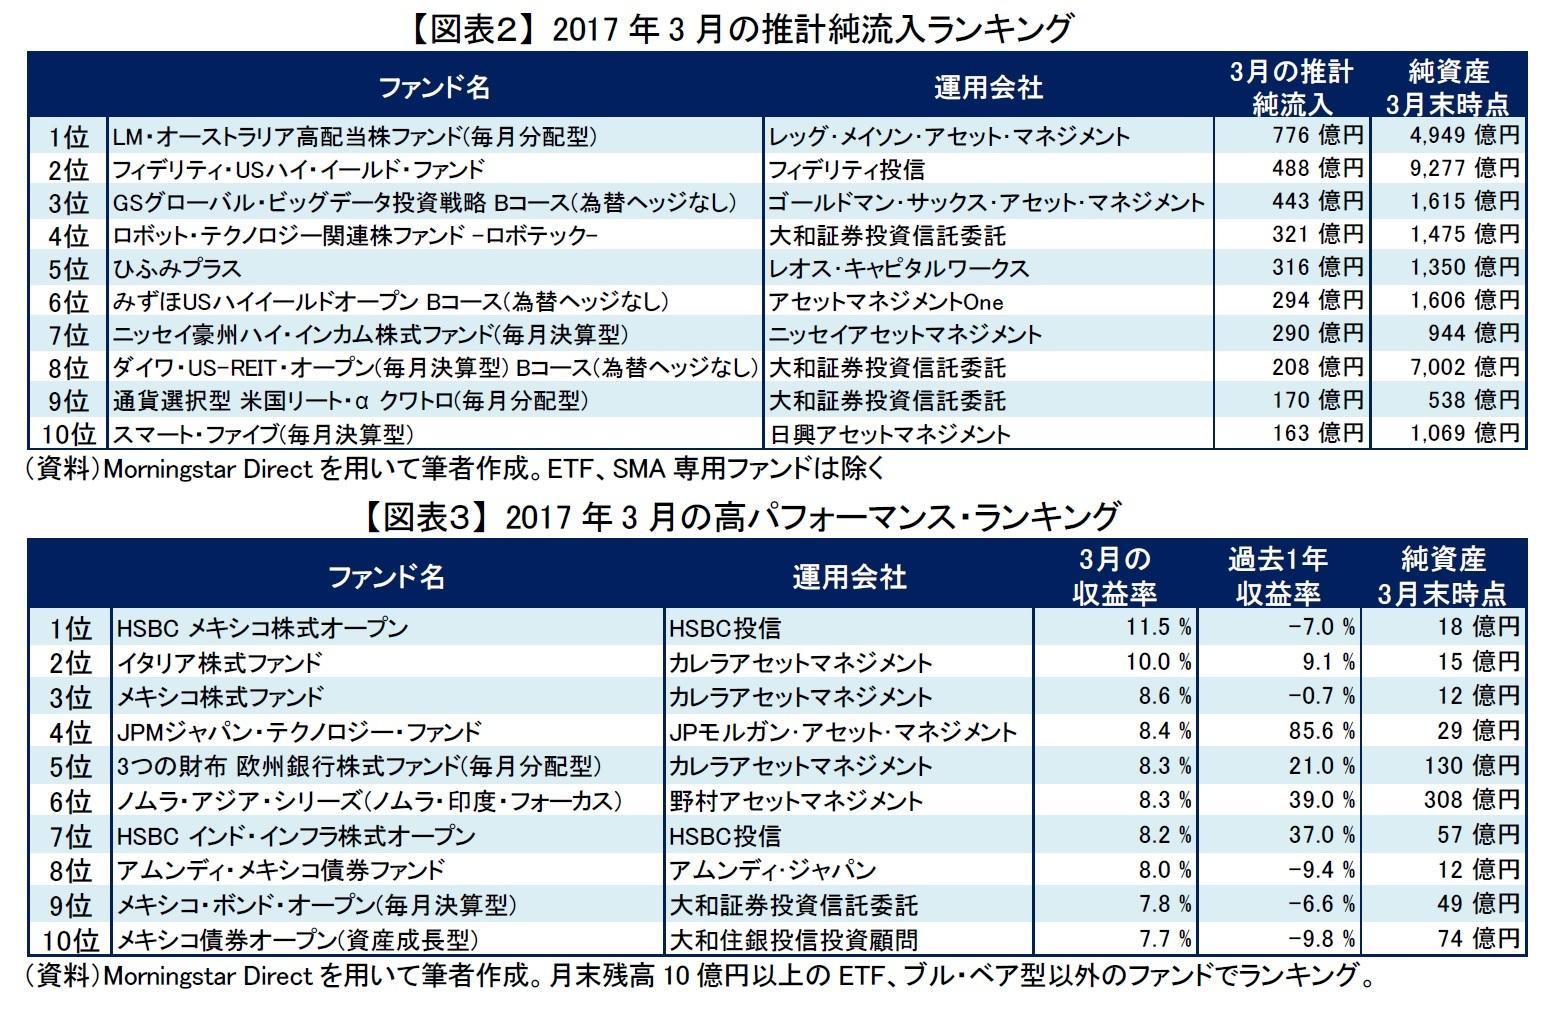 【図表2】 2017年3月の推計純流入ランキング/【図表3】 2017年3月の高パフォーマンス・ランキング